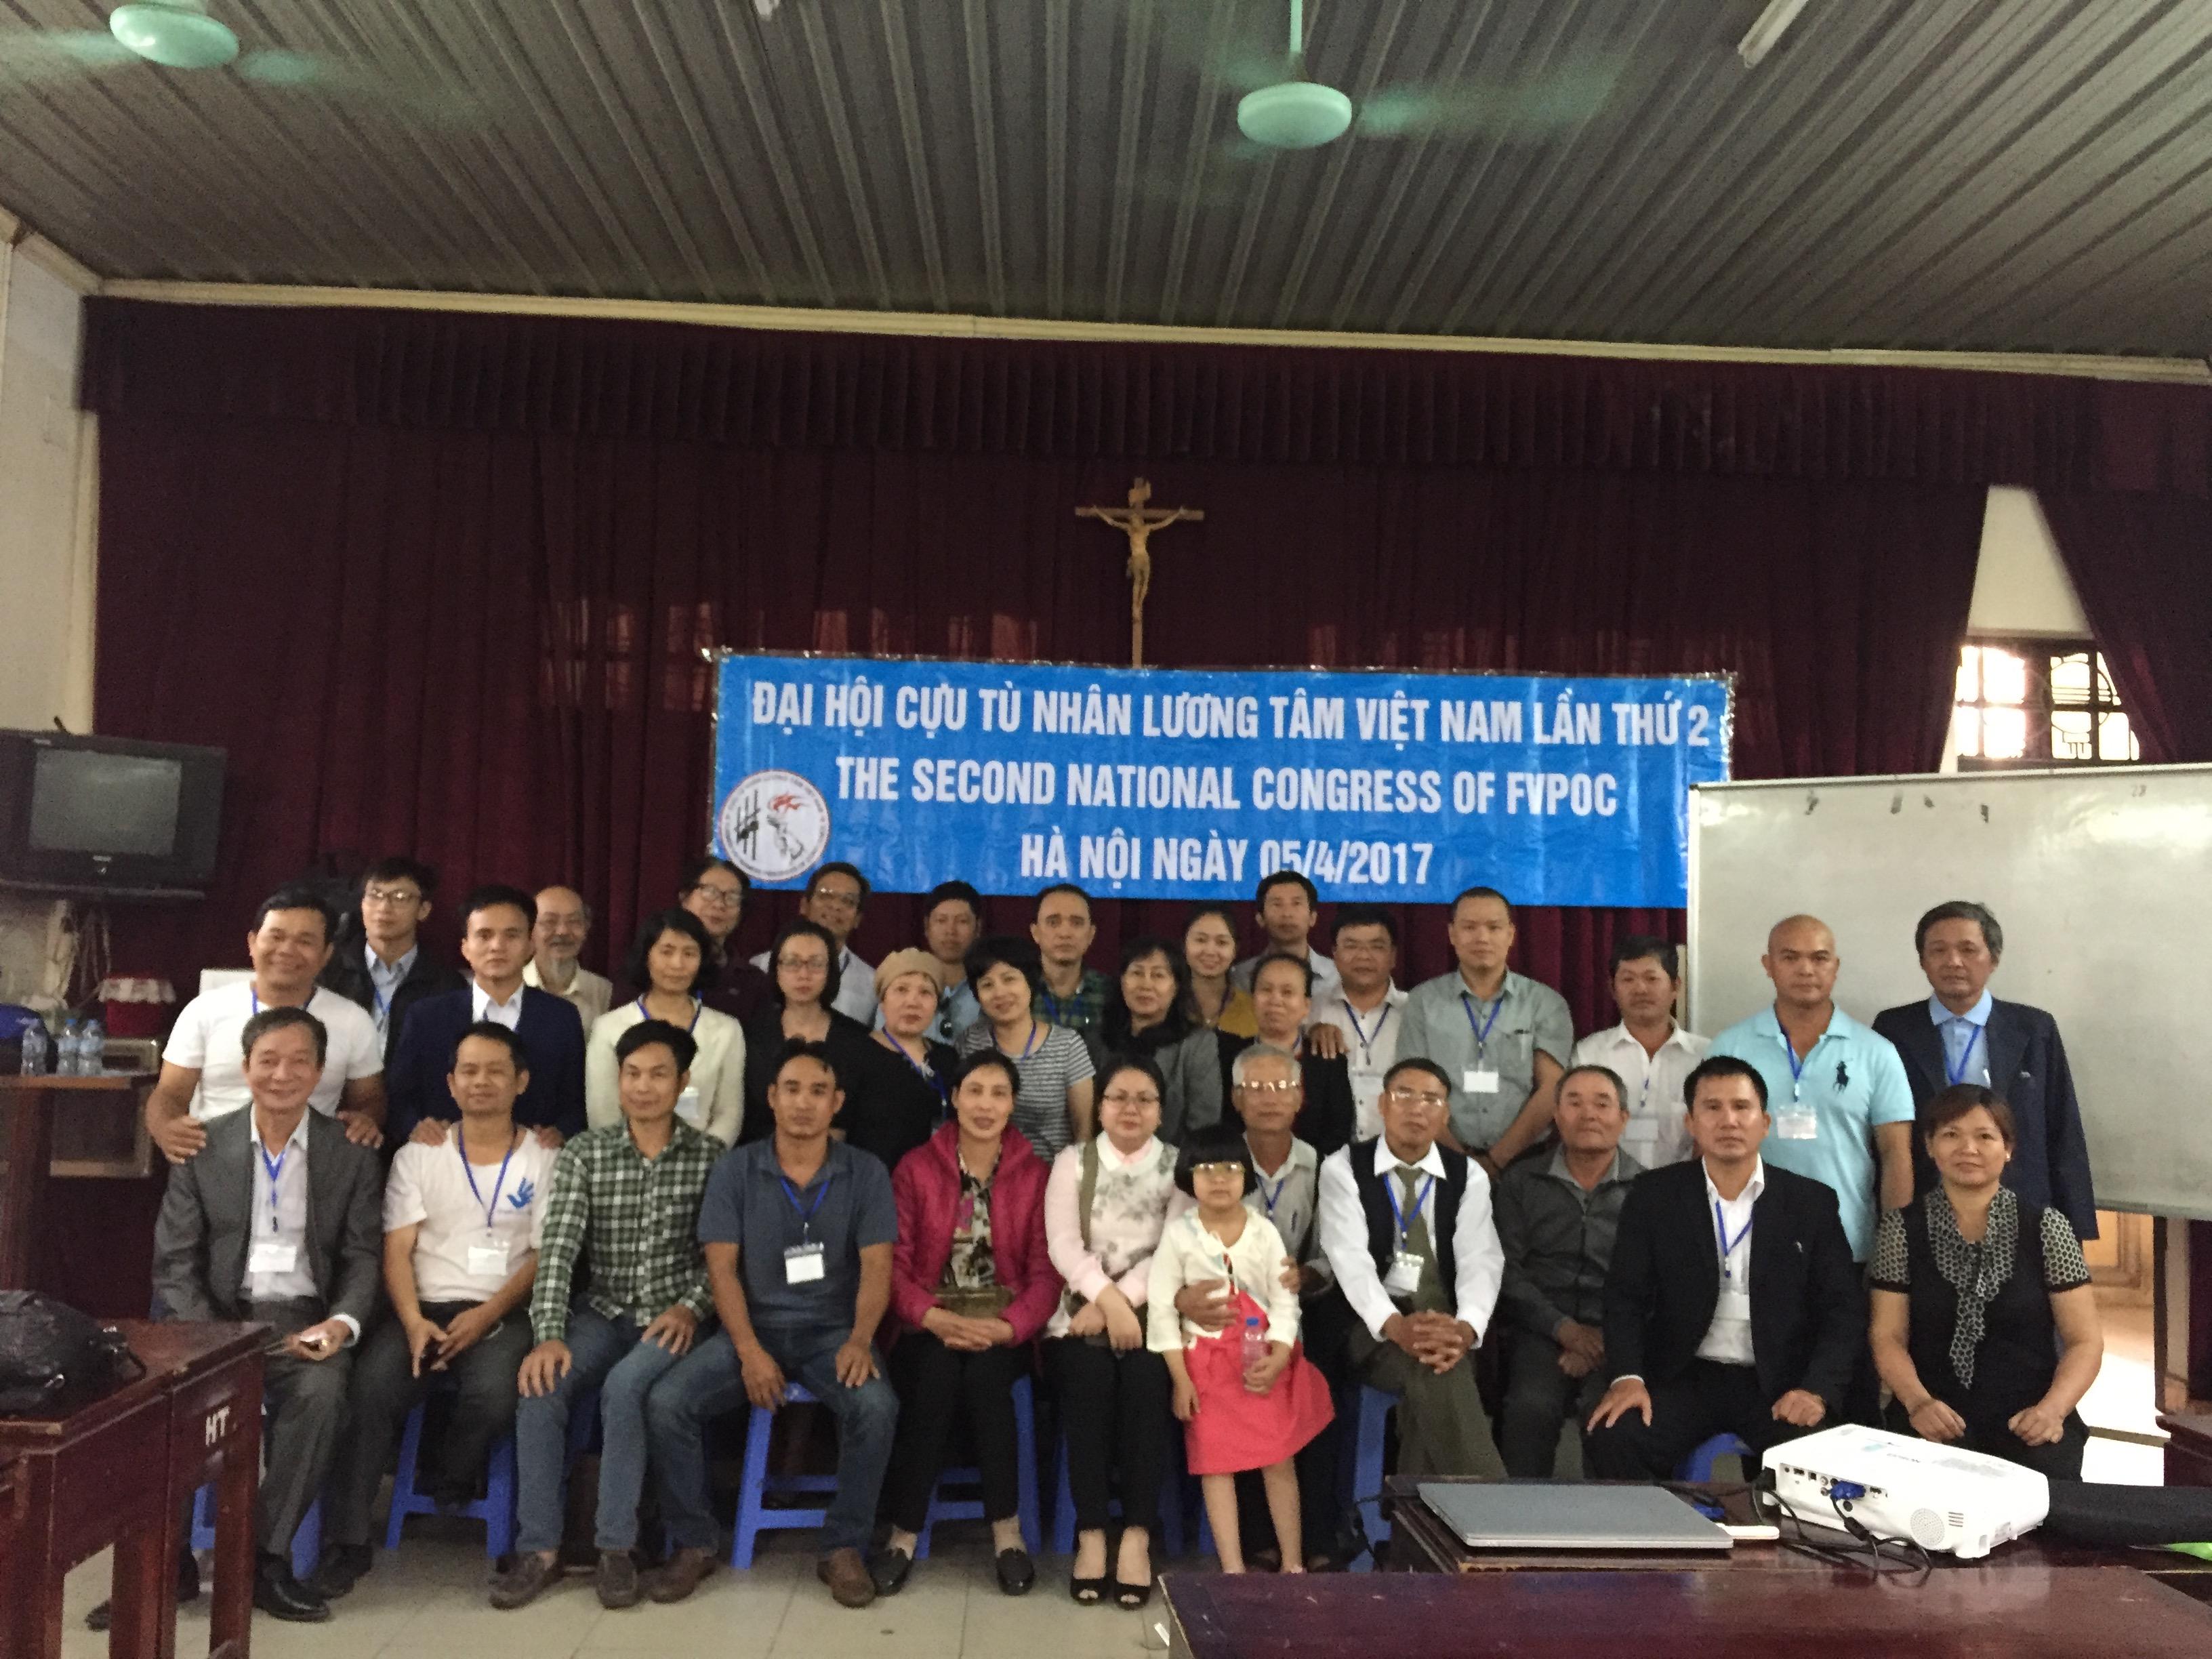 Hội Cựu Tù Nhân Lương Tâm Việt Nam tổ chức đại hội lần thứ 2 tại Hà Nội